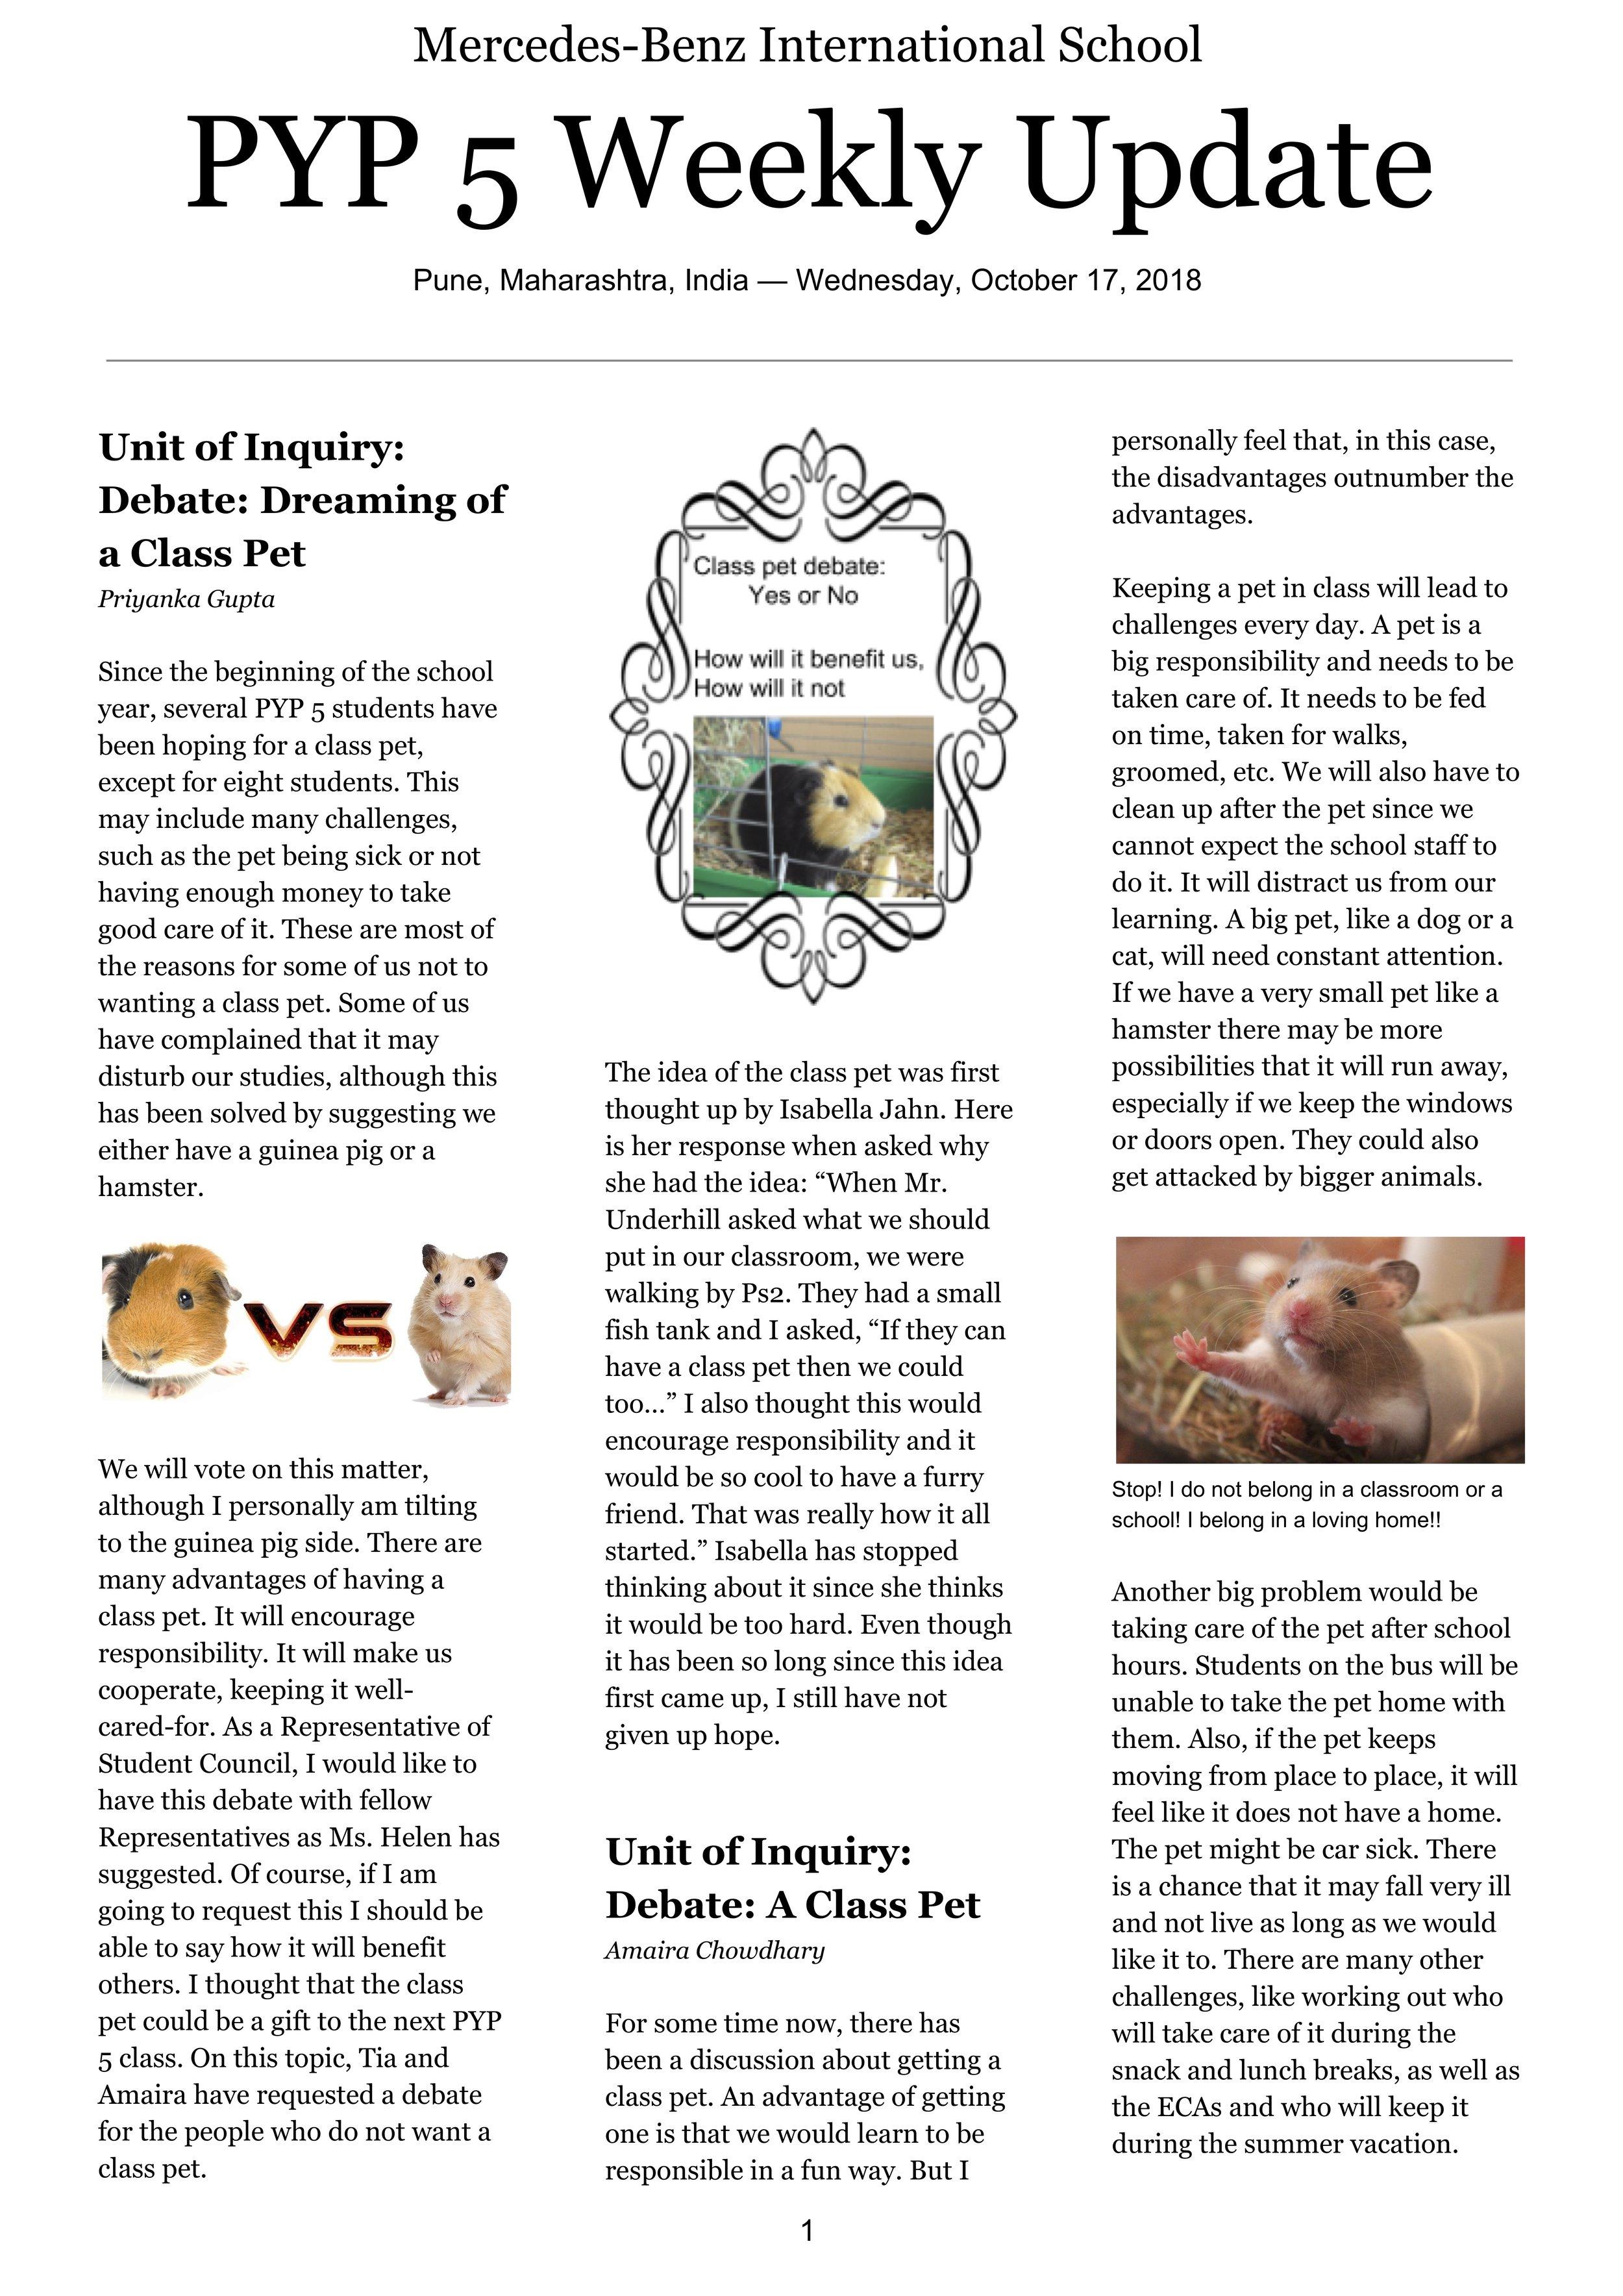 181017 PYP 5 Weekly Update p1.jpg